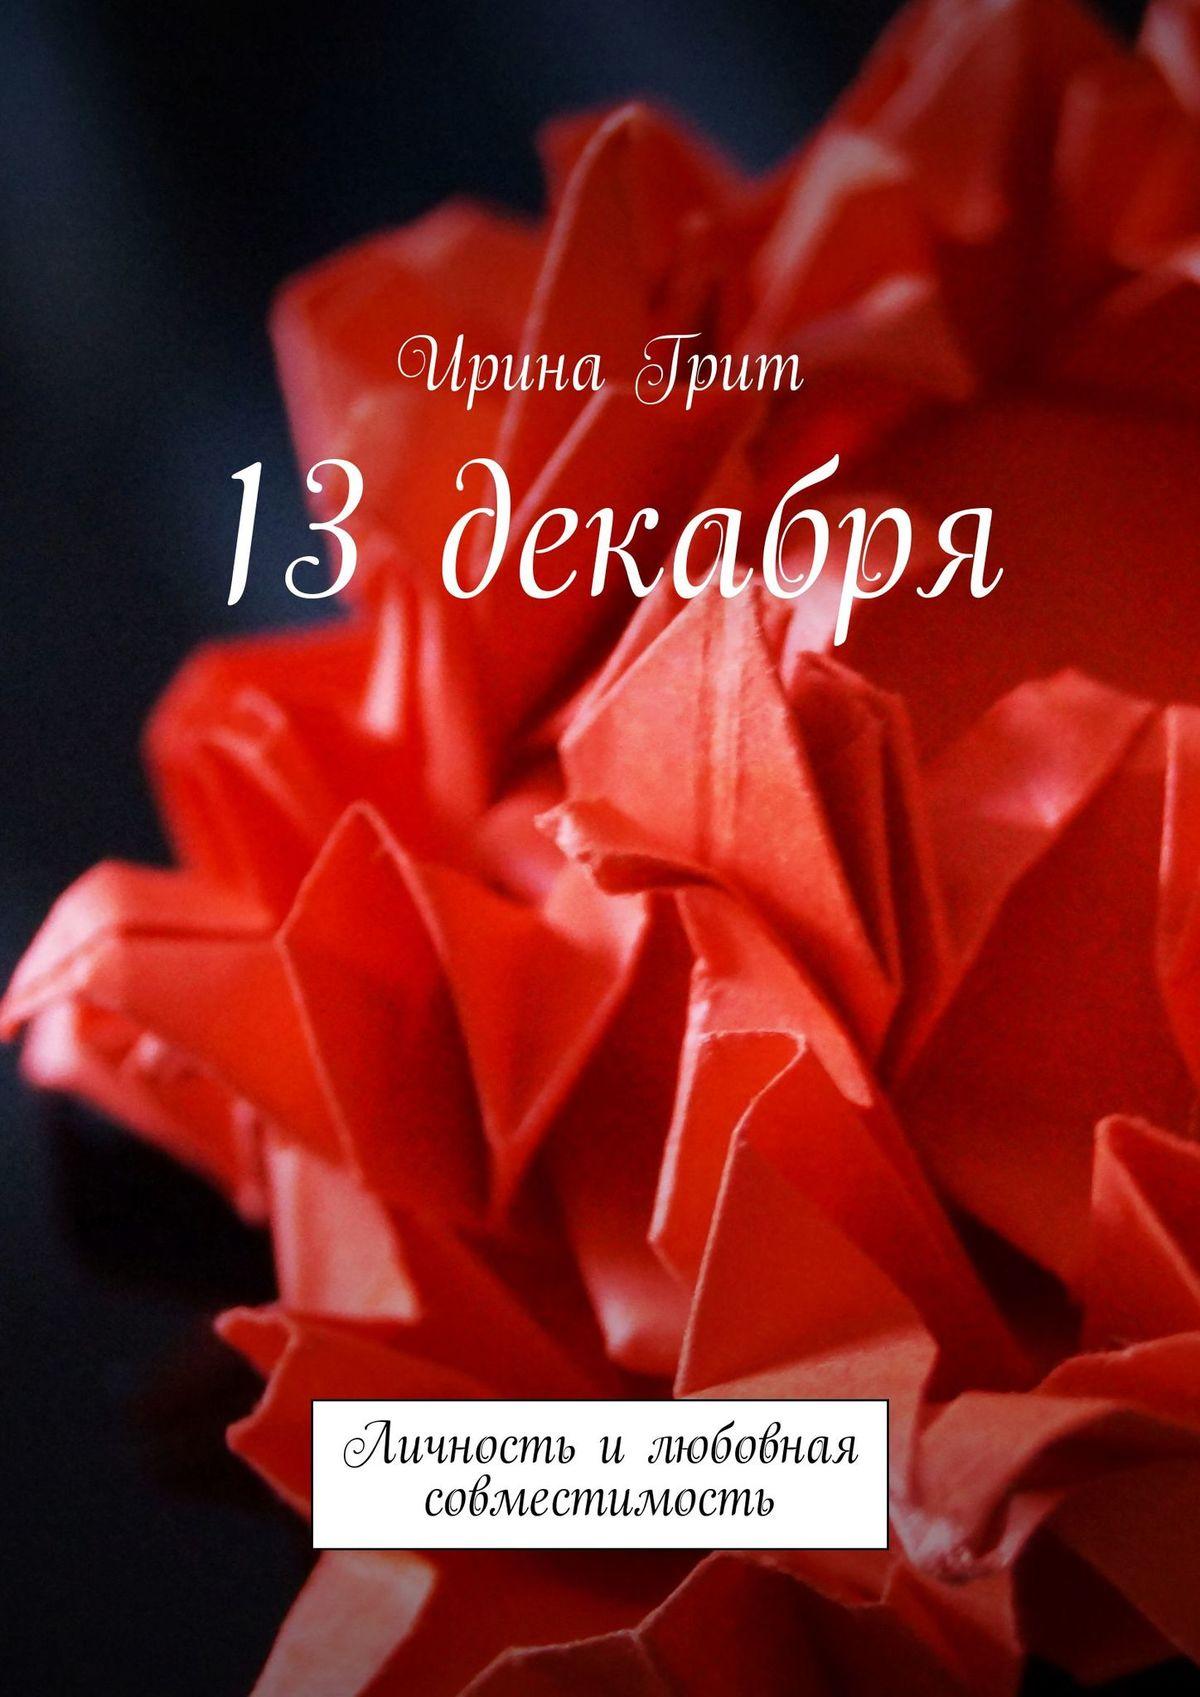 Ирина Грит 13 декабря. Личность и любовная совместимость ирина грит 13 июля личность и любовная совместимость